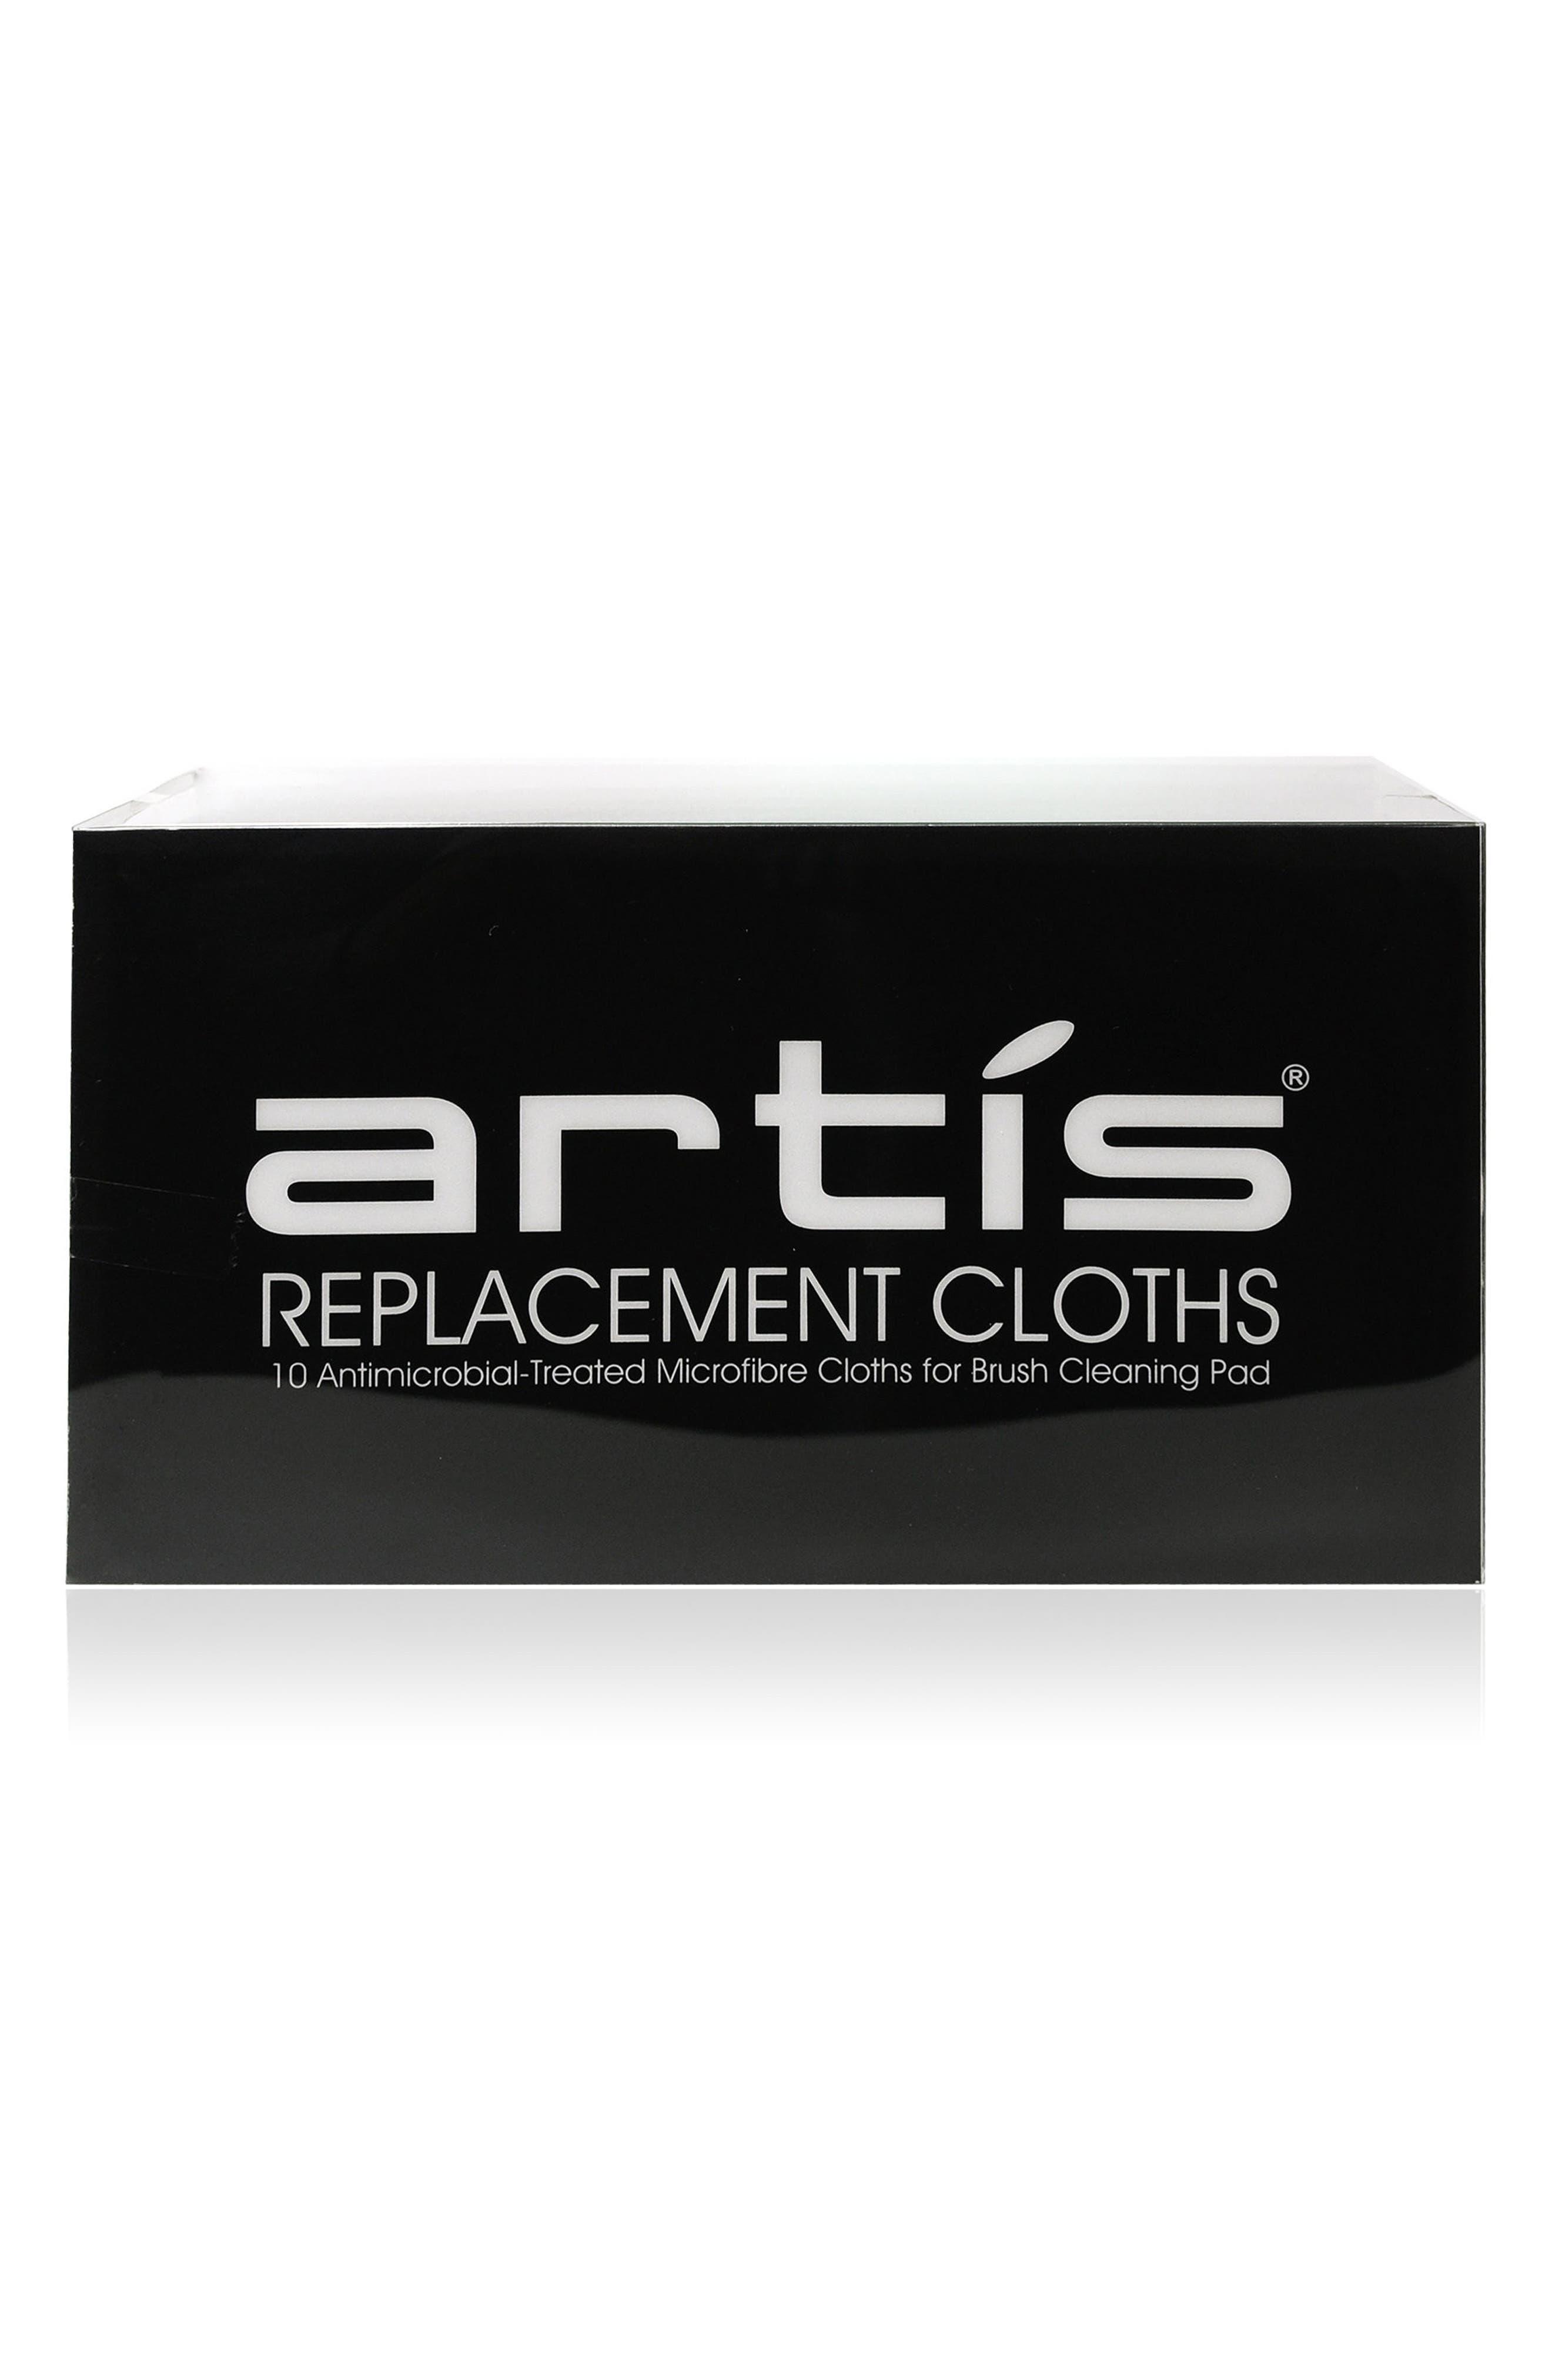 Artis Microfiber Cloth Replacement Set